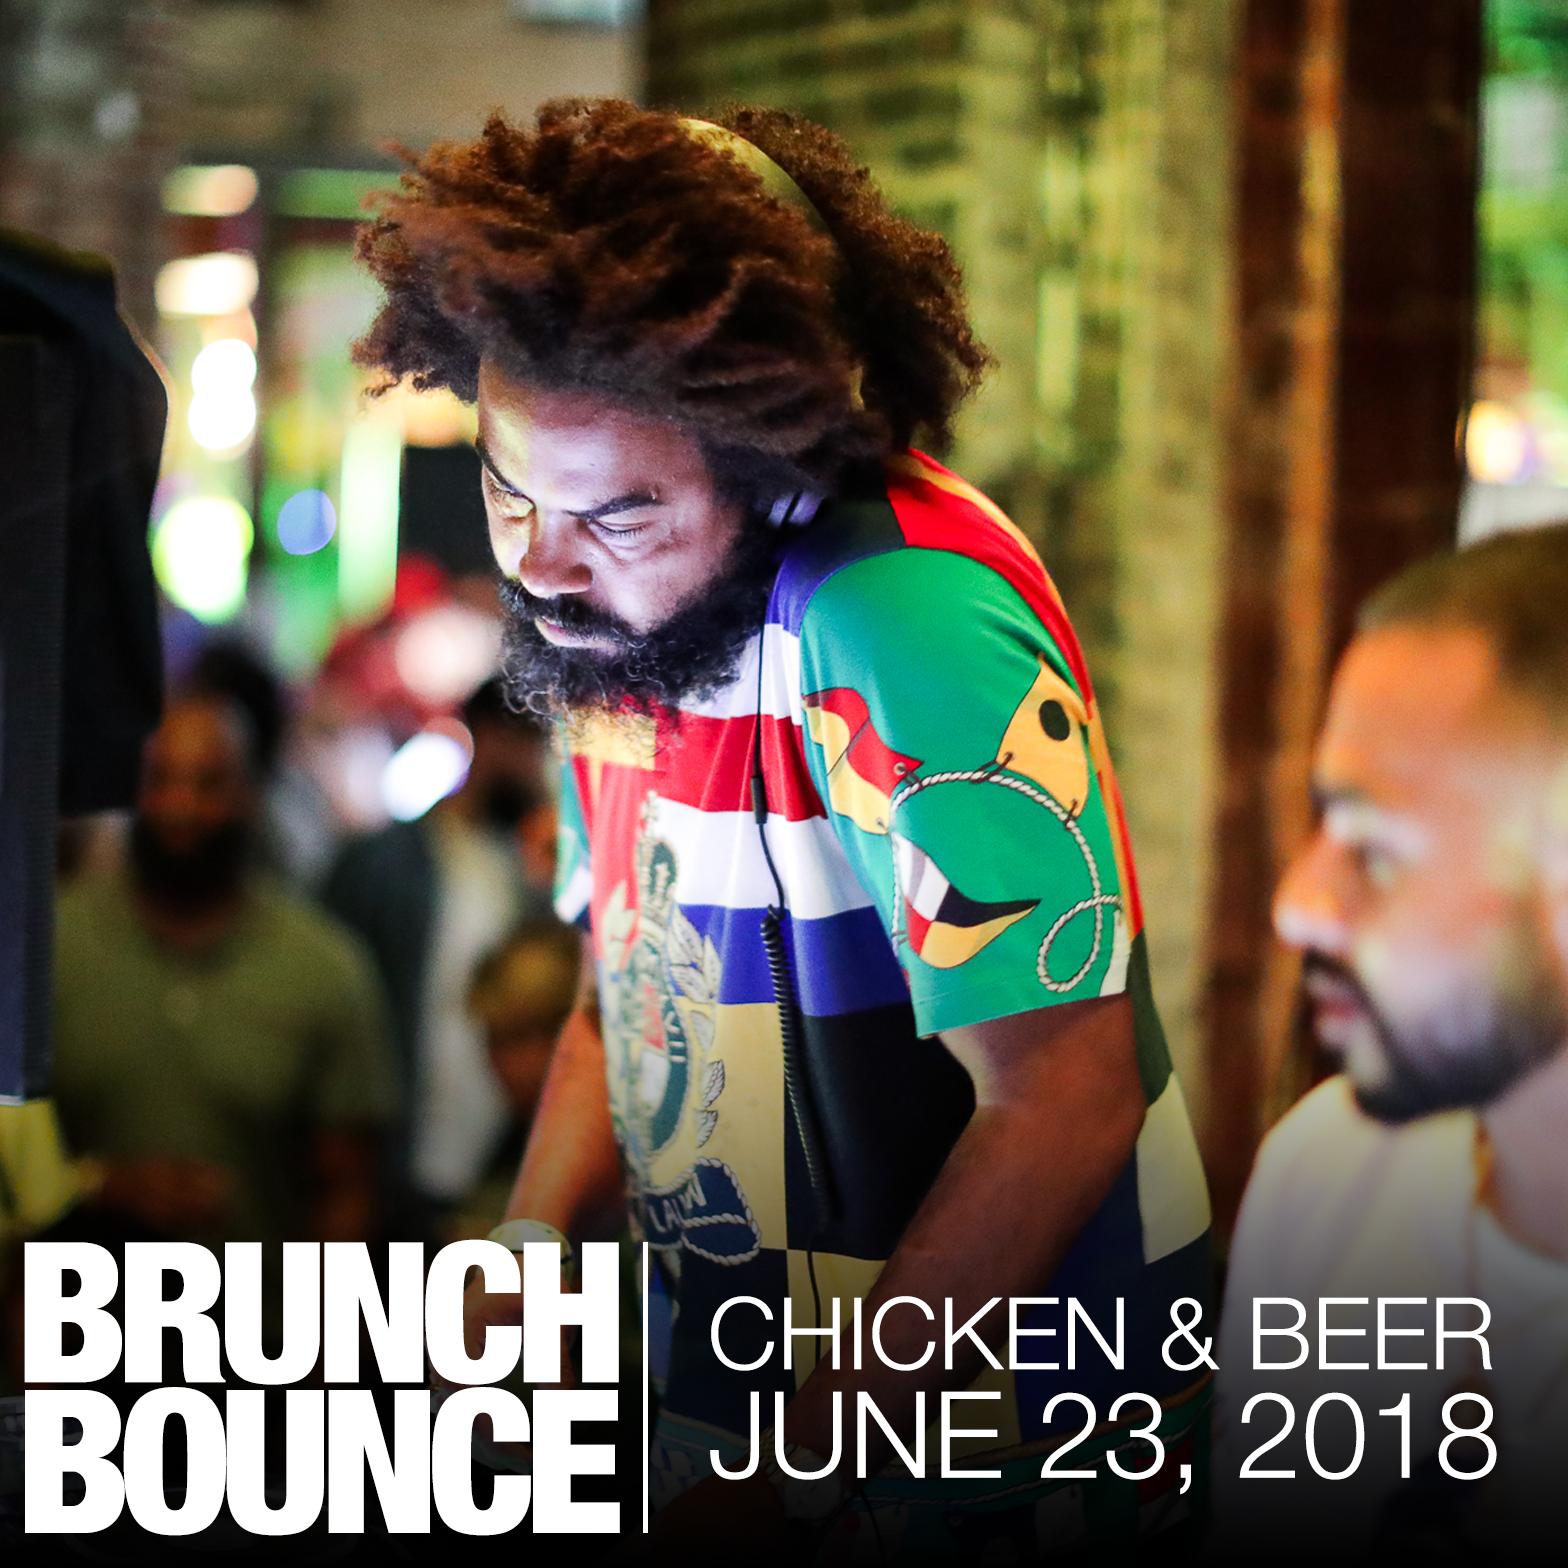 Chicken & Beer 2018